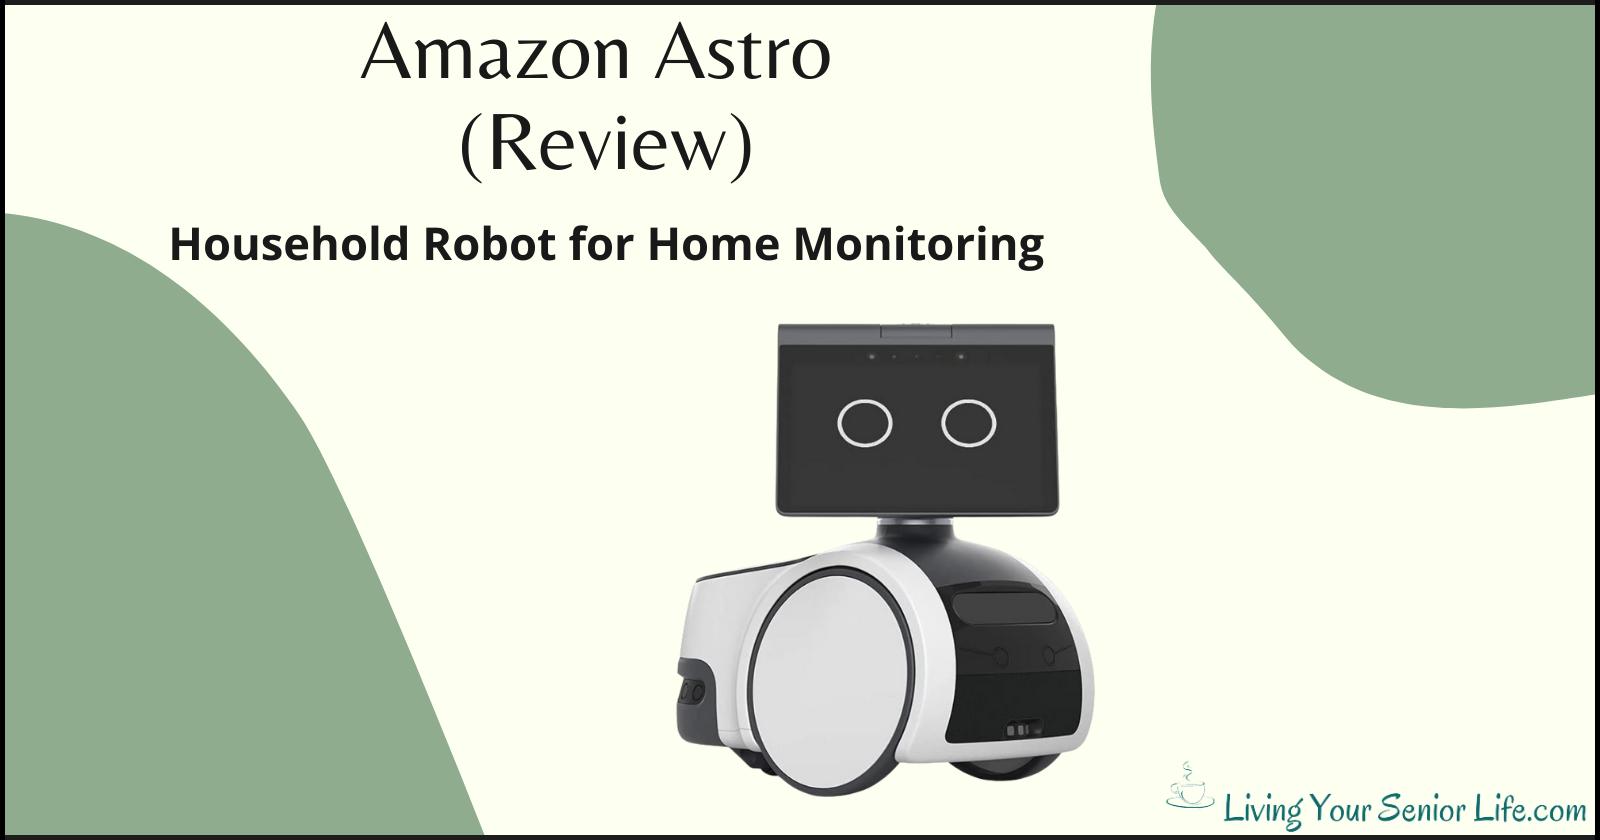 Amazon Astro (Review)